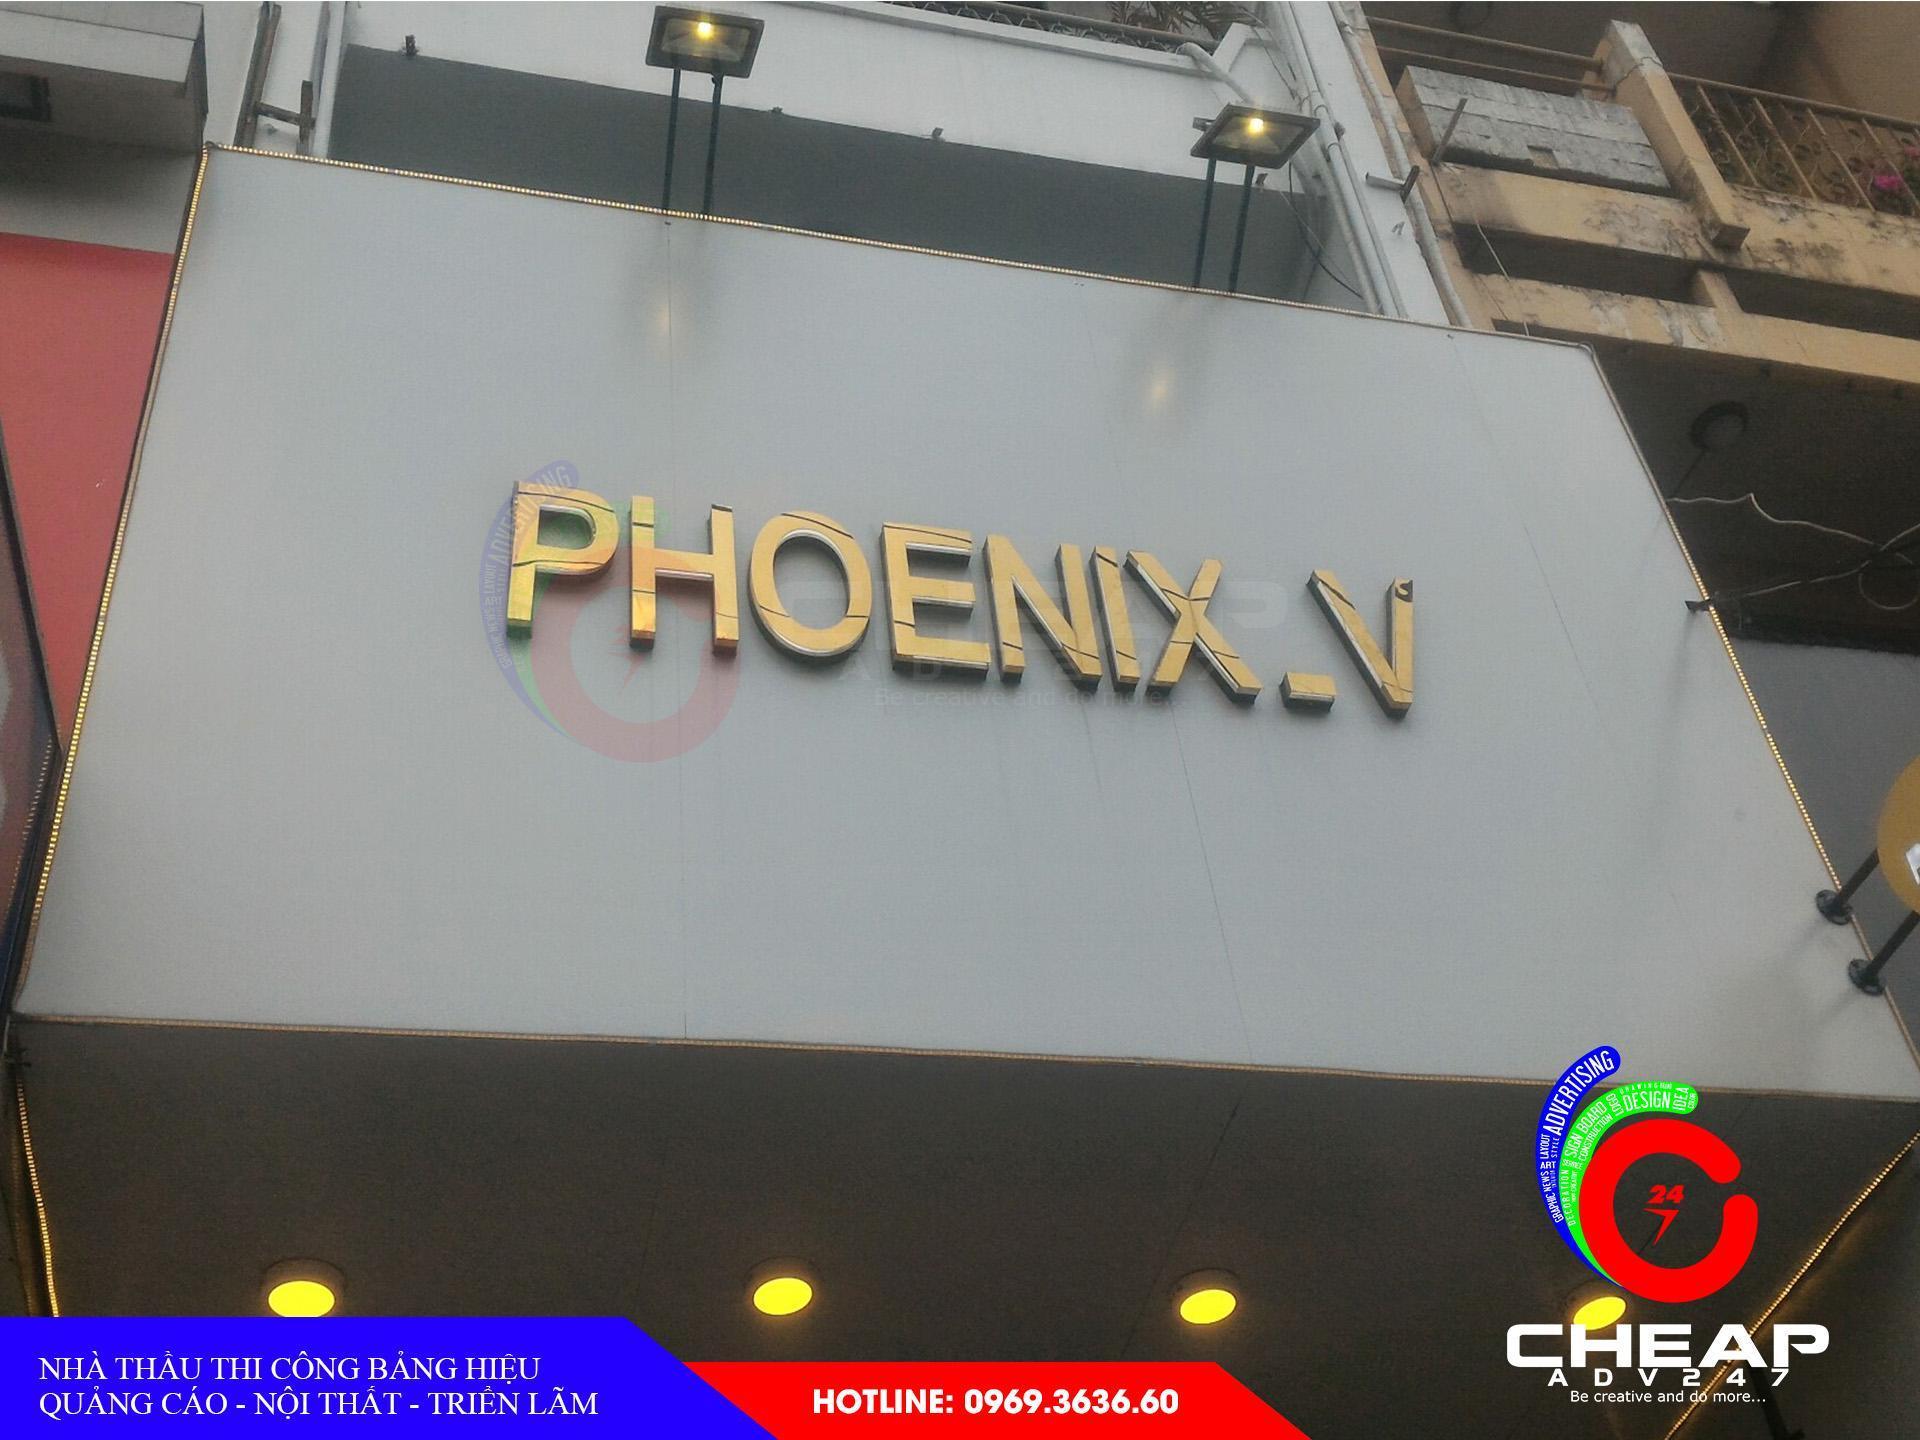 Làm bảng hiệu tại quận phú nhuận bằng chữ nổi mica, chữ nổi inox có đèn